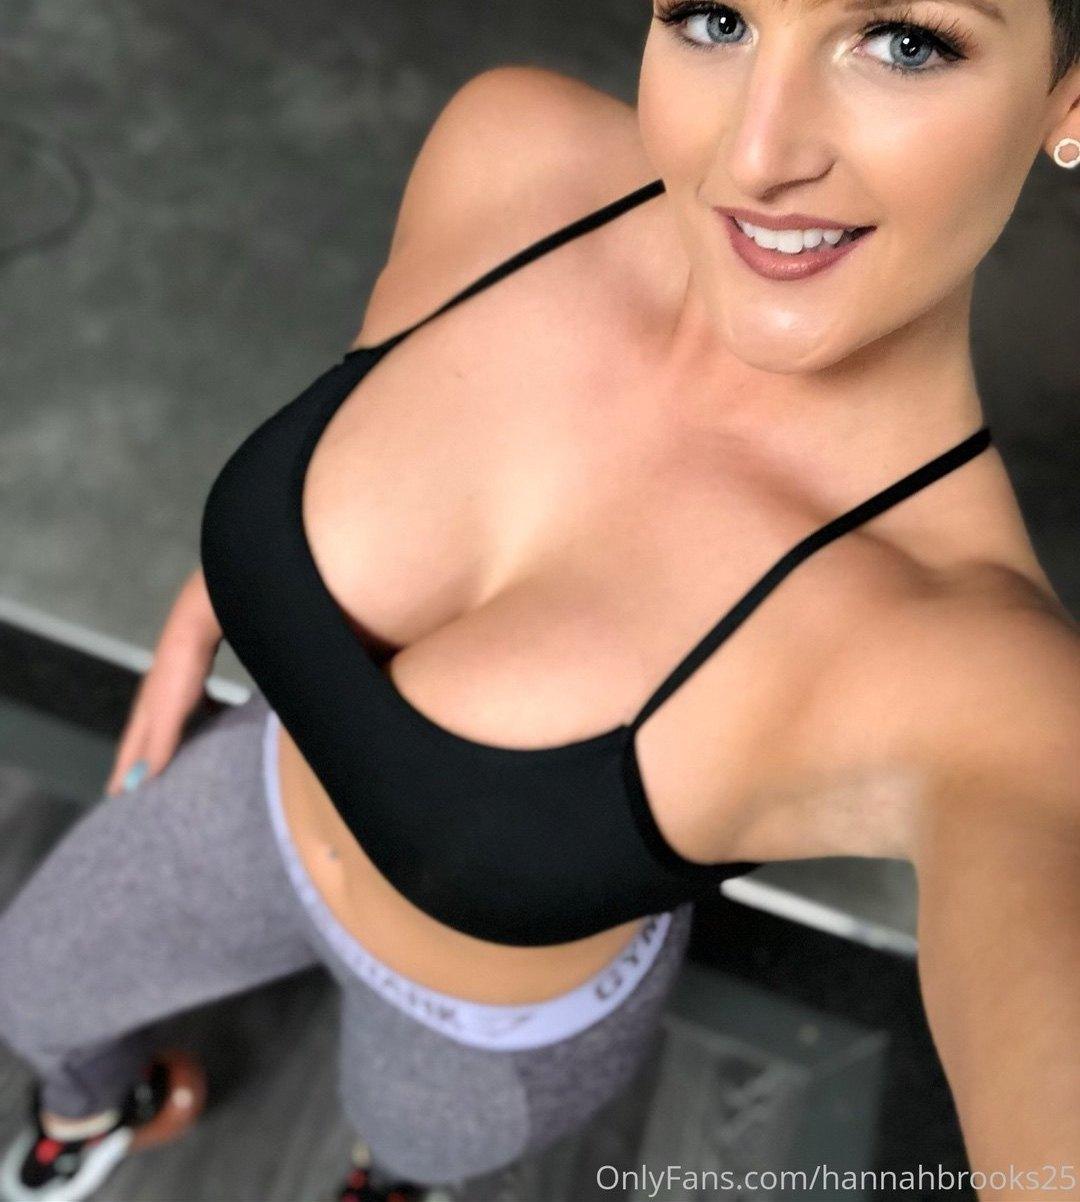 Hannah Brooks Hannahbrooks25 Onlyfans Nudes Leaks 0009